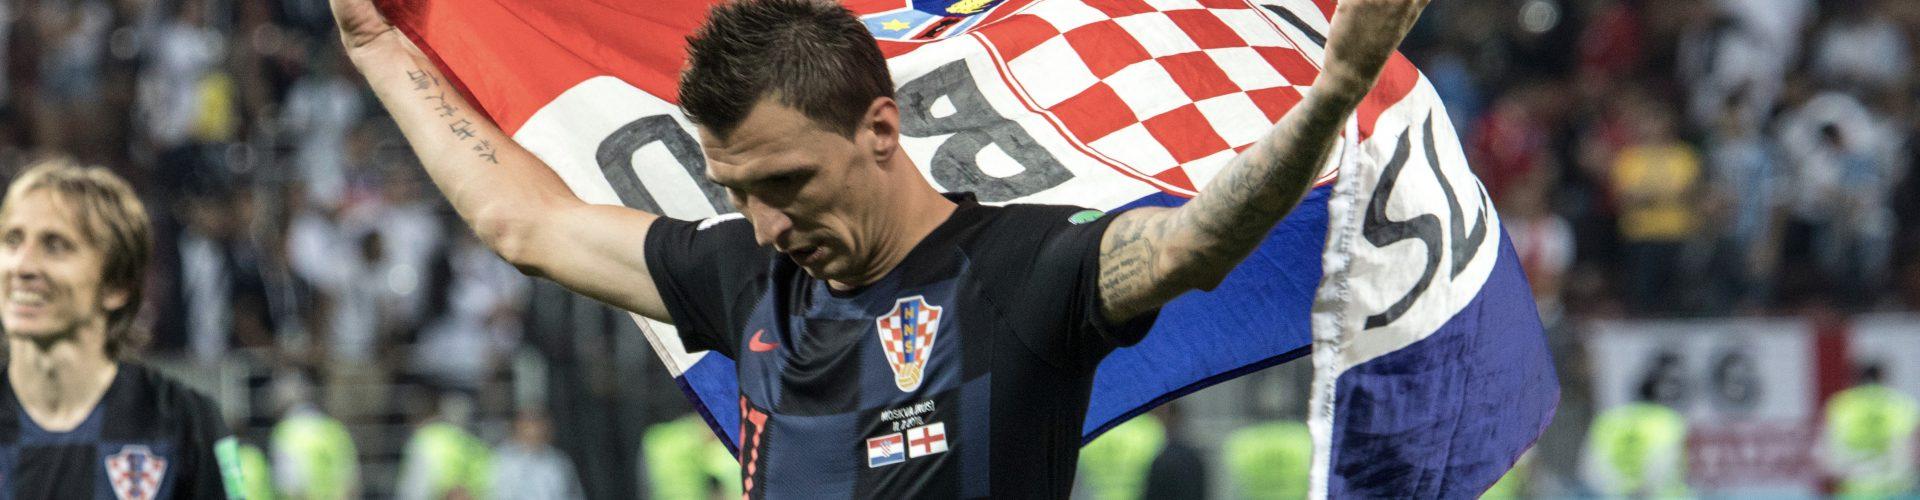 La richiesta di Mandzukic al Milan: 5 mesi per dimostrare il proprio valore